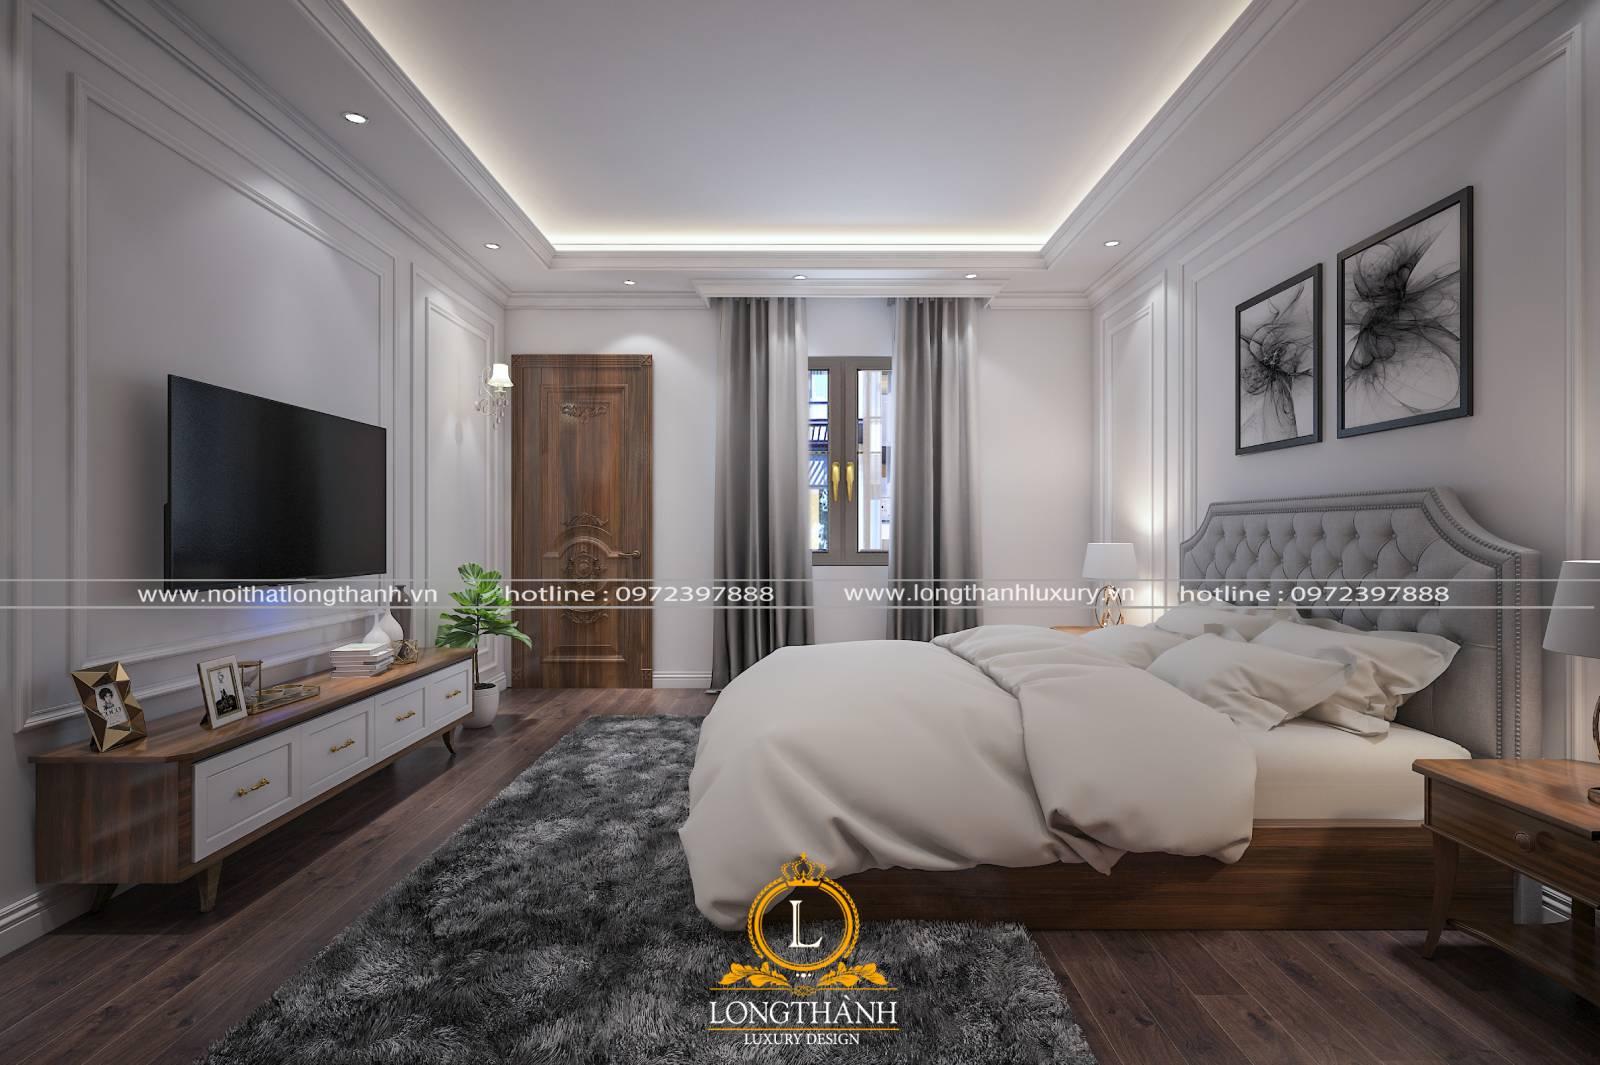 Cửa sổ đẹp cho phòng ngủ làm từ chất liệu gỗ tự nhiên có kích thước cân đối